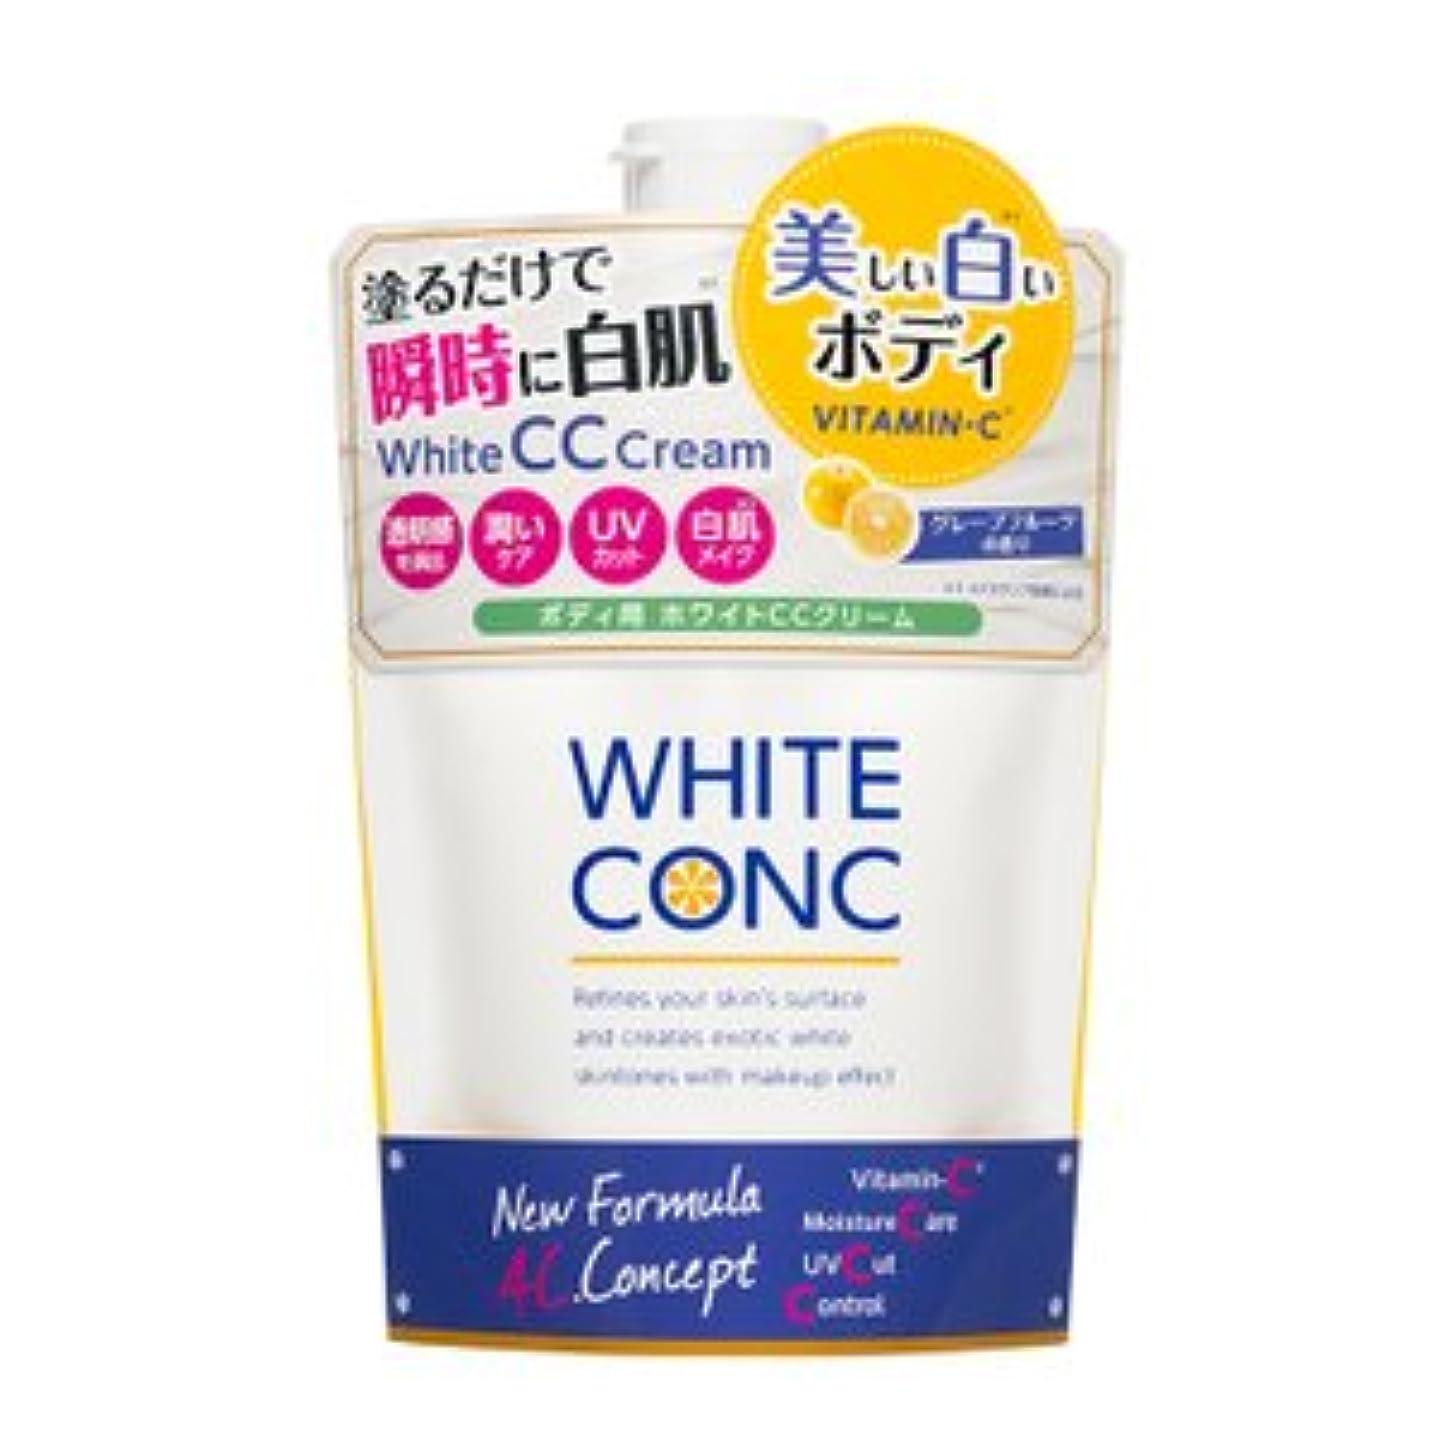 夕食を食べる分割ティーム薬用ホワイトコンクホワイトCCクリーム 200g